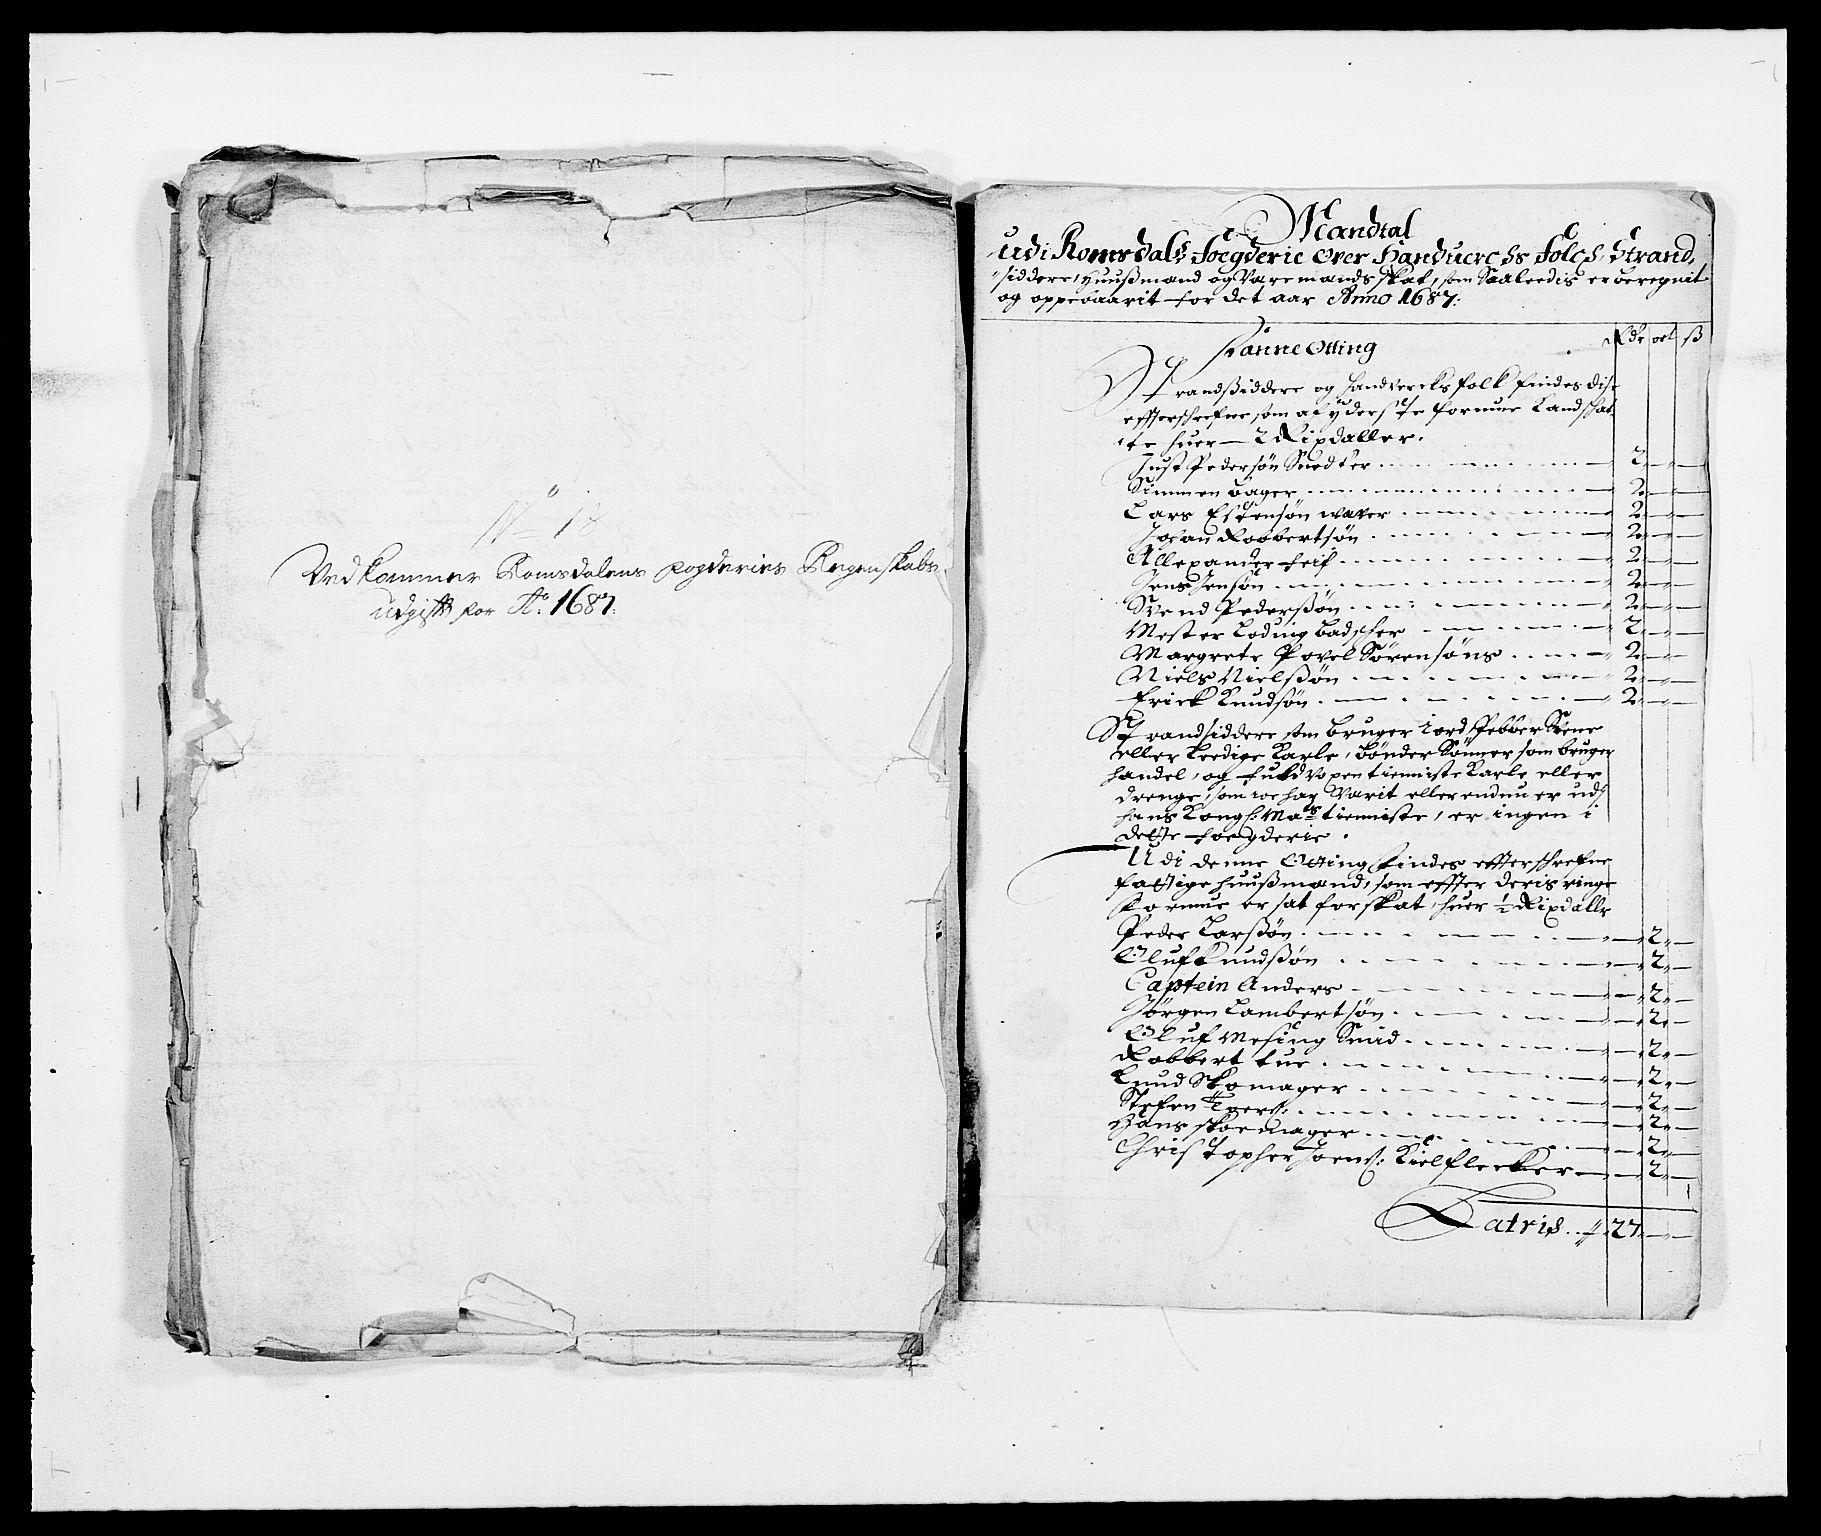 RA, Rentekammeret inntil 1814, Reviderte regnskaper, Fogderegnskap, R55/L3648: Fogderegnskap Romsdal, 1687-1689, s. 67